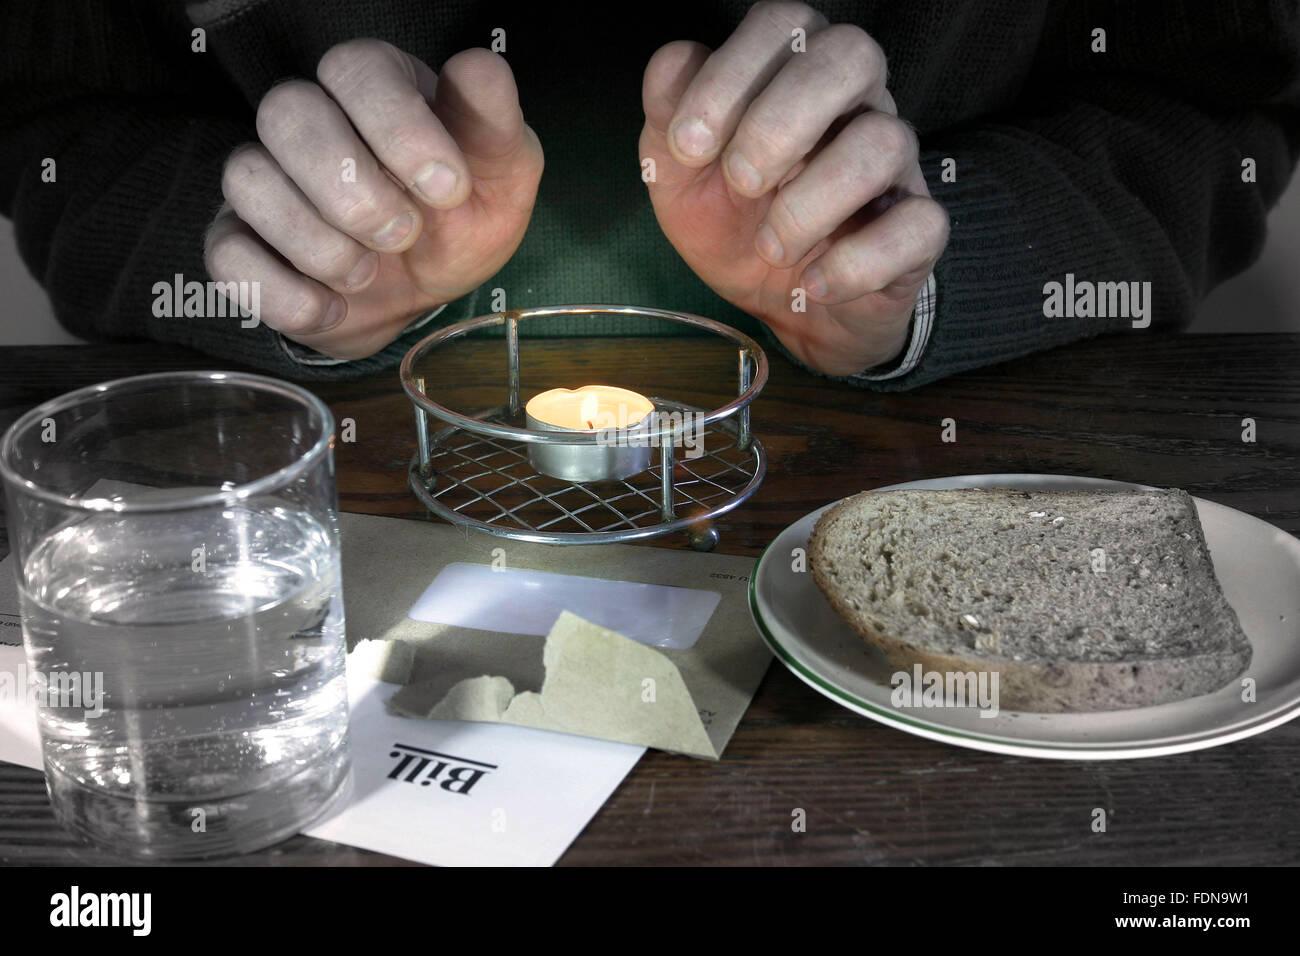 La pobreza o pobre concepto.manos a conservar el calor, el frío pobres y hambrientos. Imagen De Stock